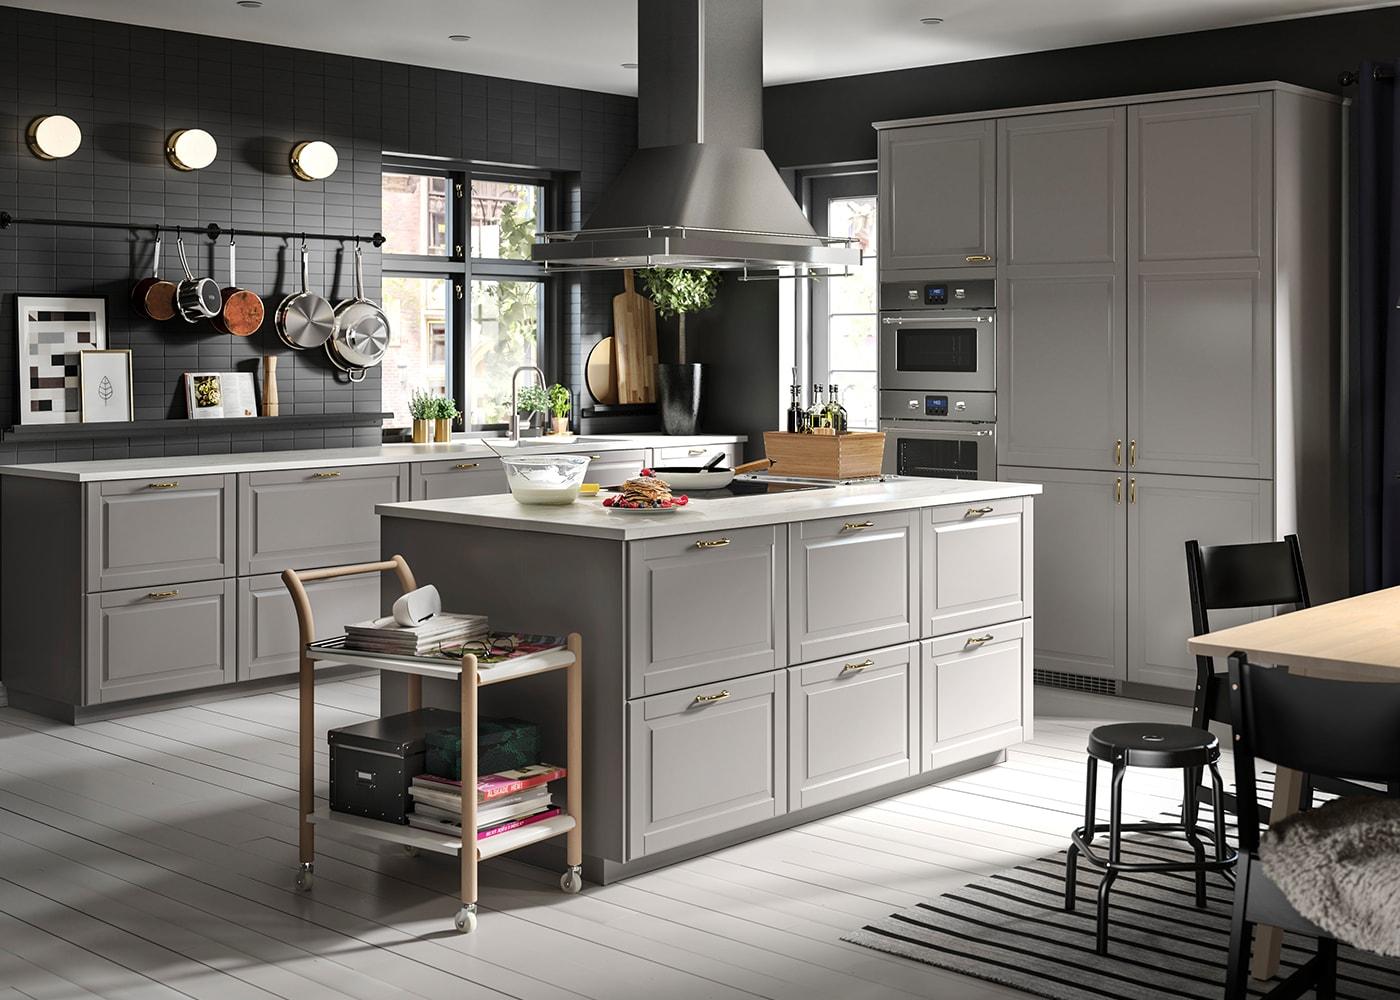 Traditioneller Look für moderne Köche - IKEA - IKEA